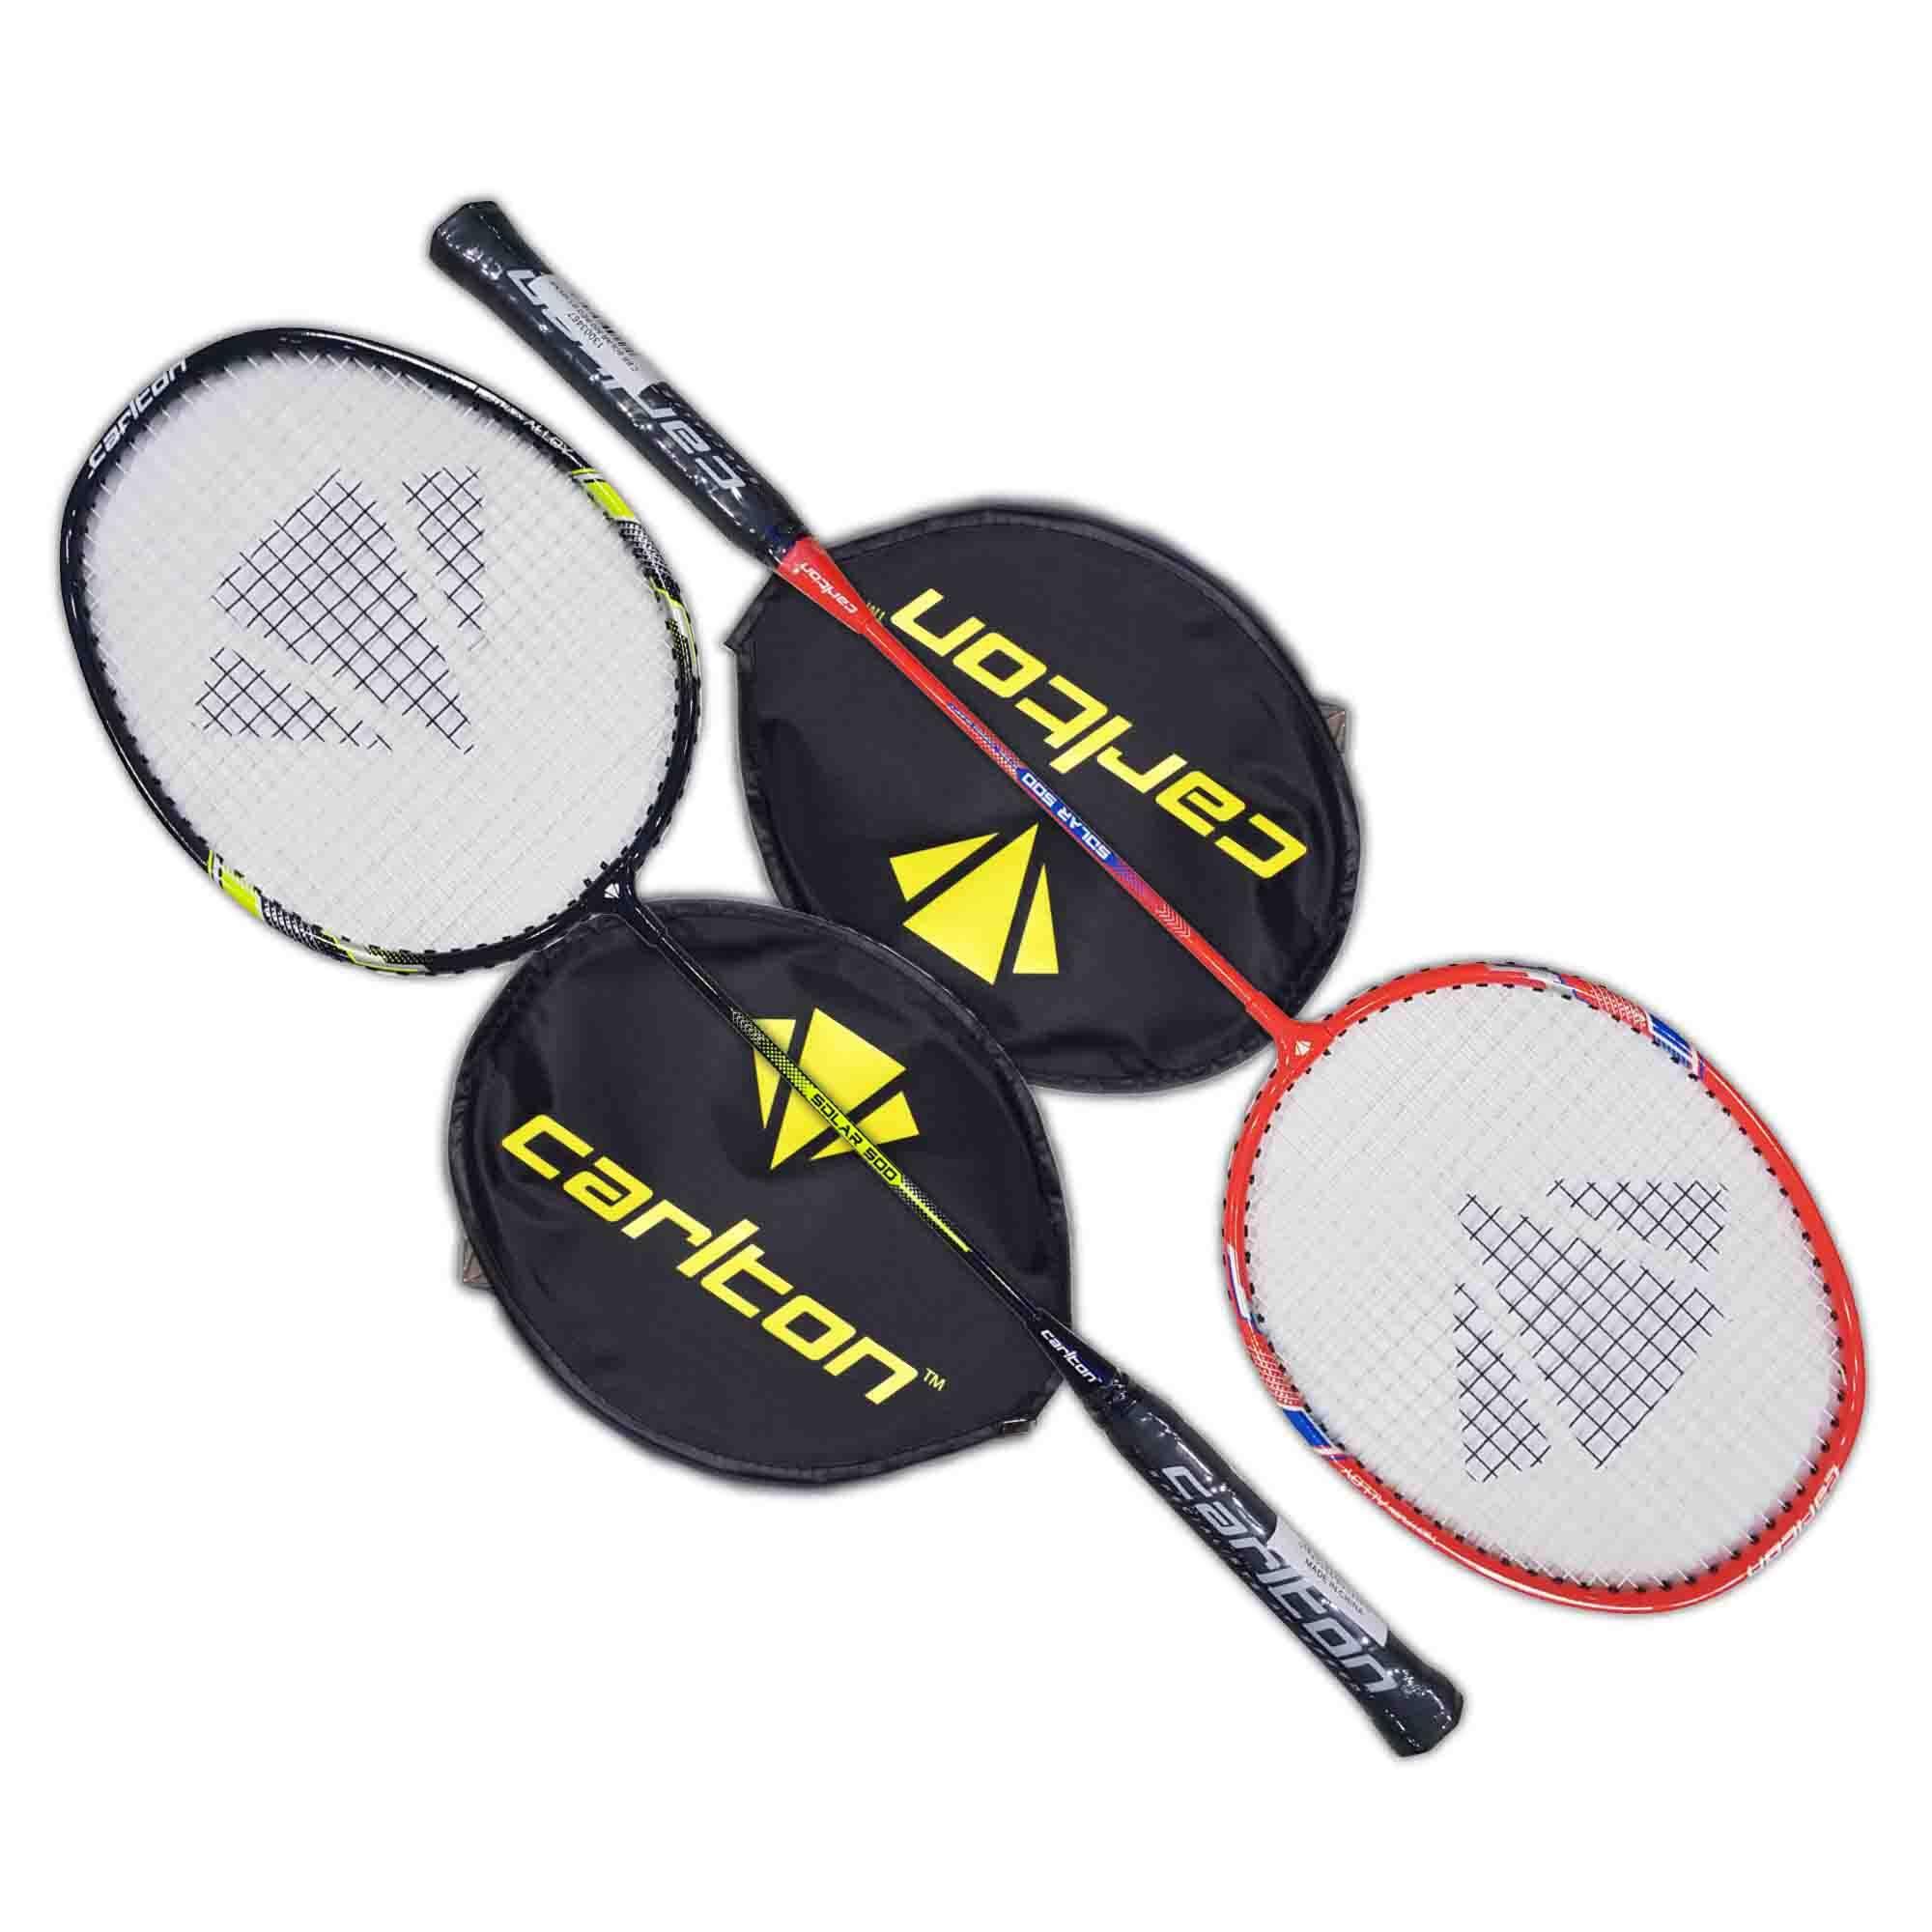 Carlton Badminton Racket Solar 500 Set Of 2 Pcs